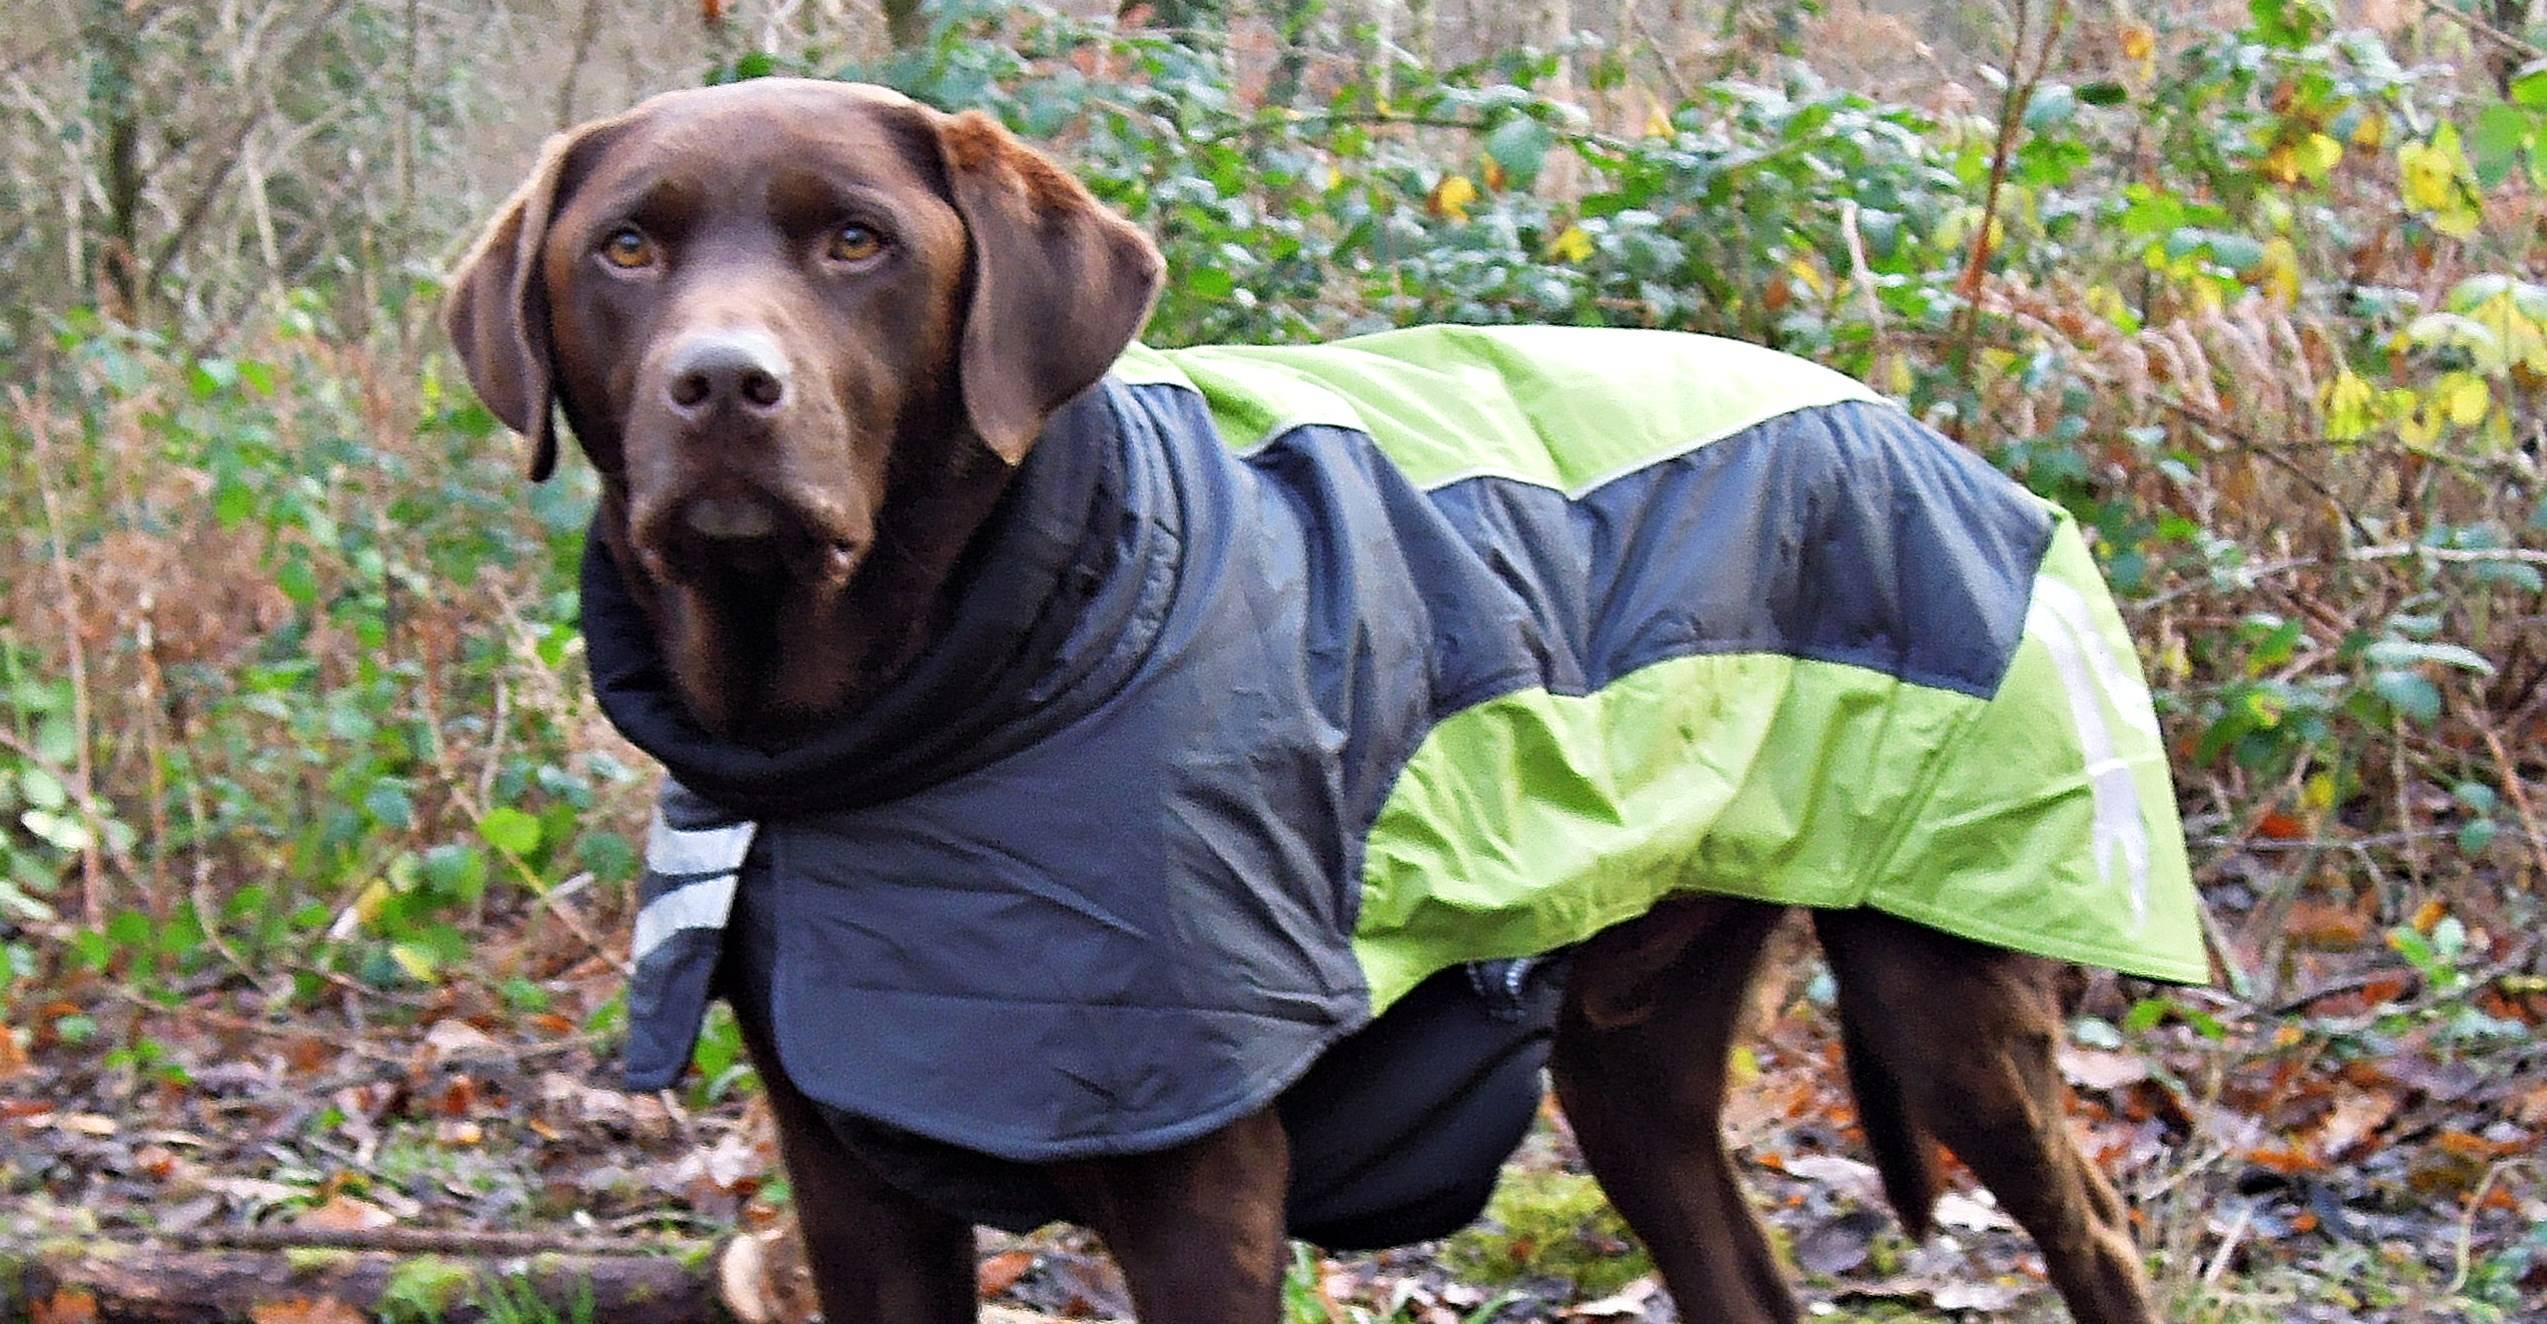 Harpo in his AMAZING Ultimate Warmer coat